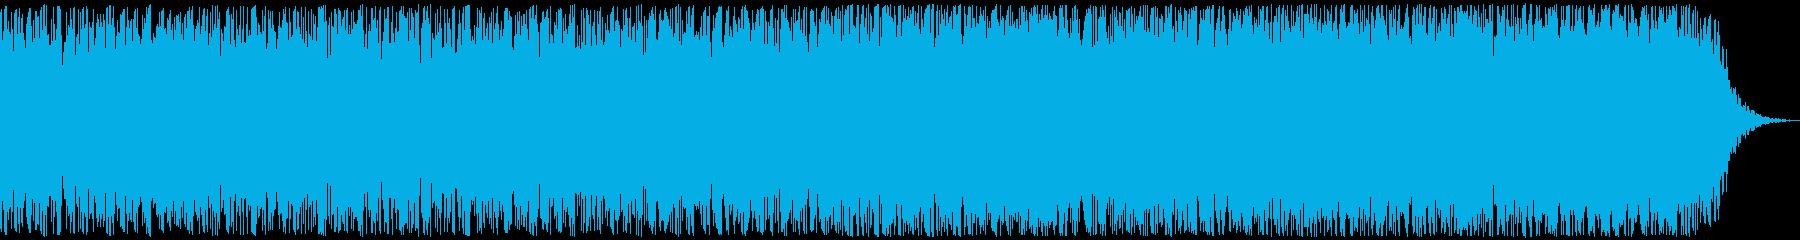 壮大な予告、オーケストラCM、30秒の再生済みの波形